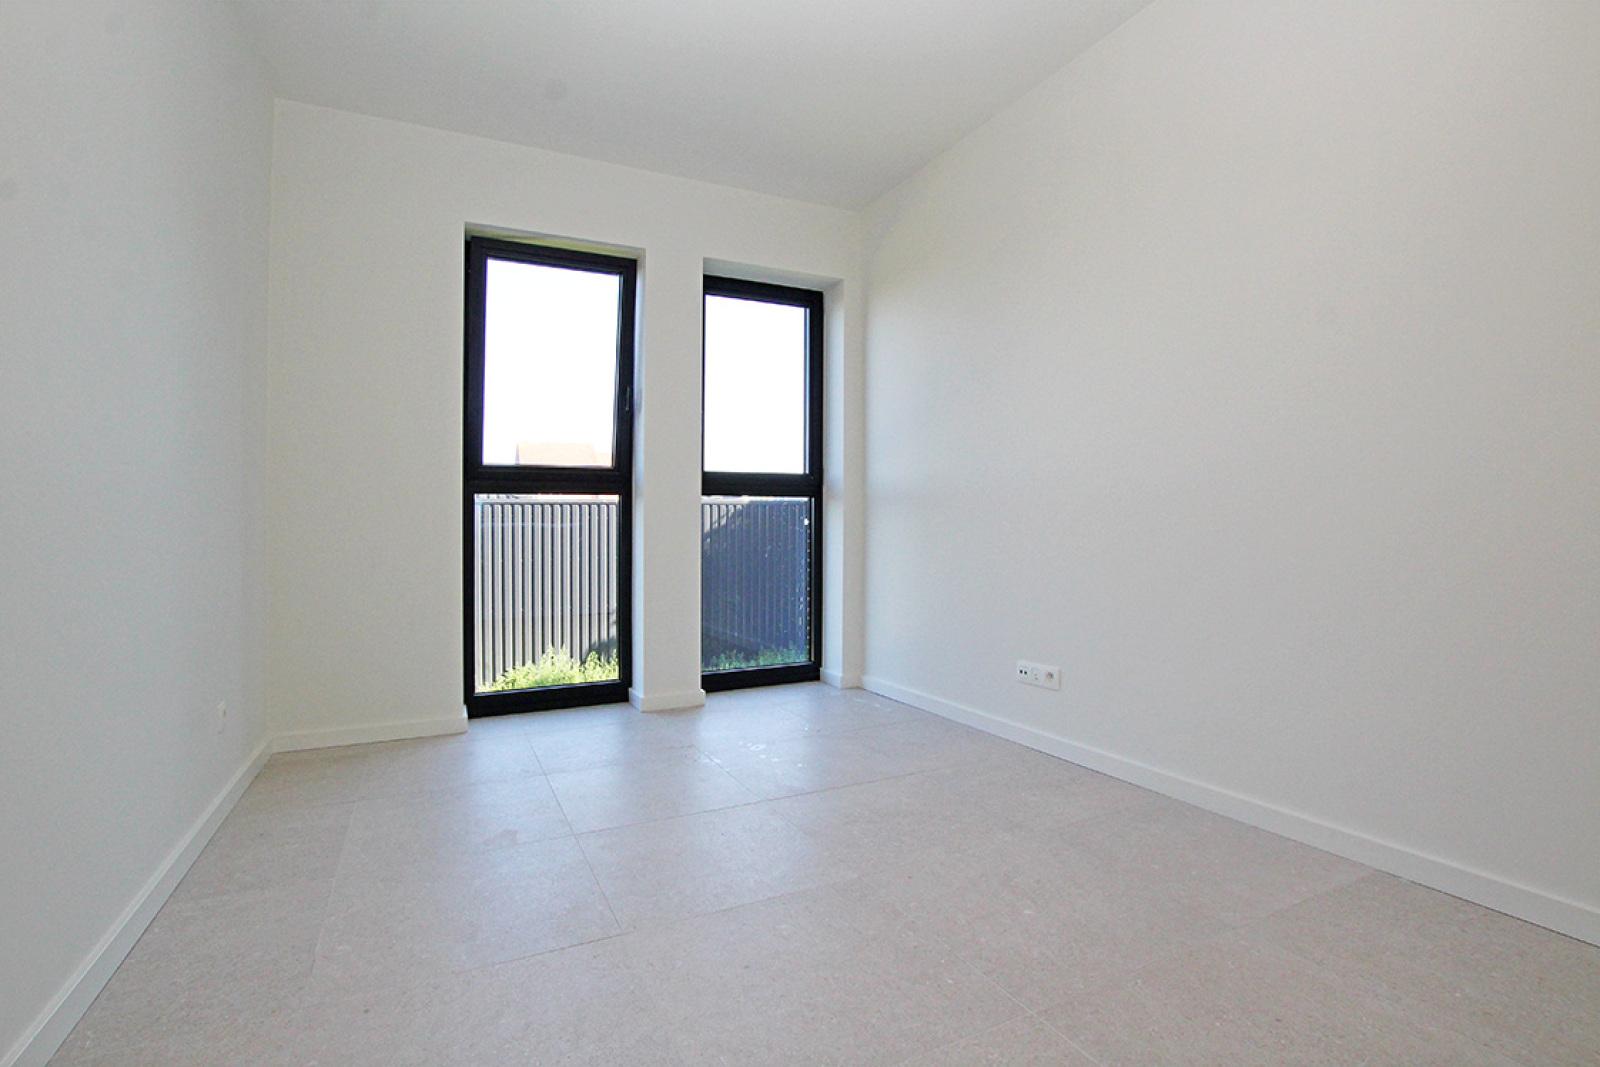 Prachtig appartement met terras op gegeerde locatie! afbeelding 6